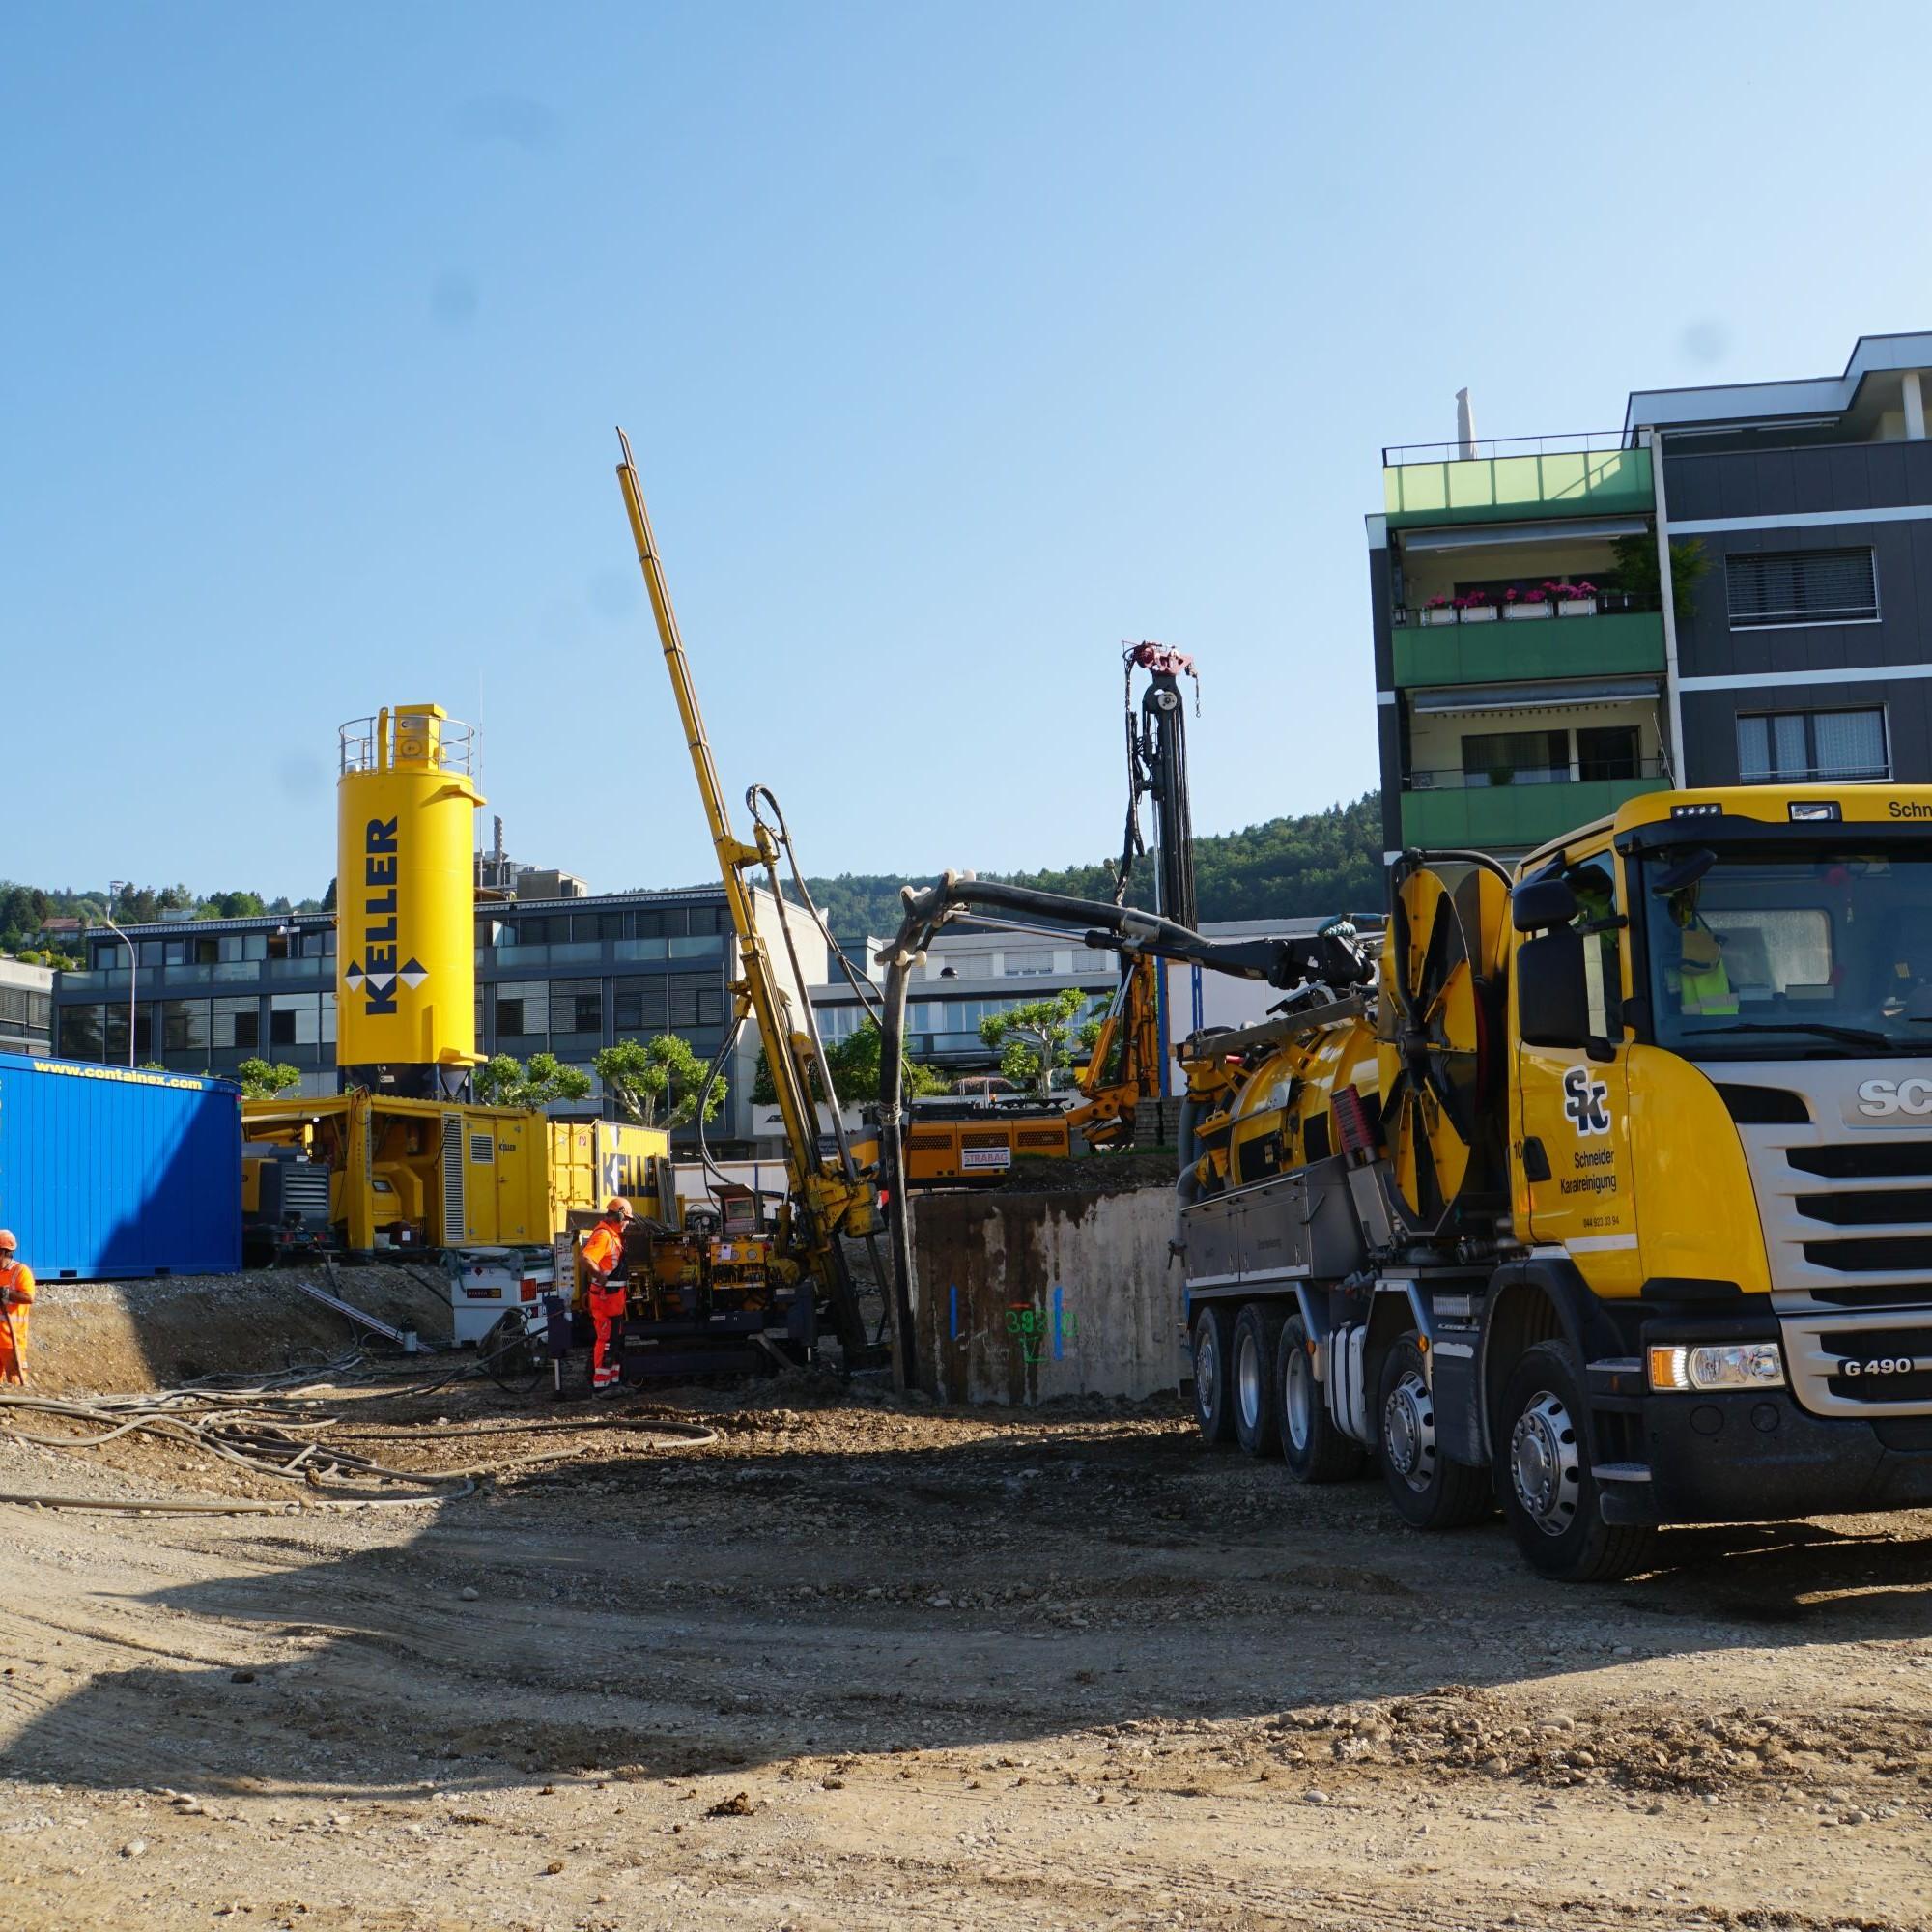 Der Saugwagen zieht das anfallende Wasser-Boden-Zementgemisch aus dem Umfeld der Bohrlöcher ab.